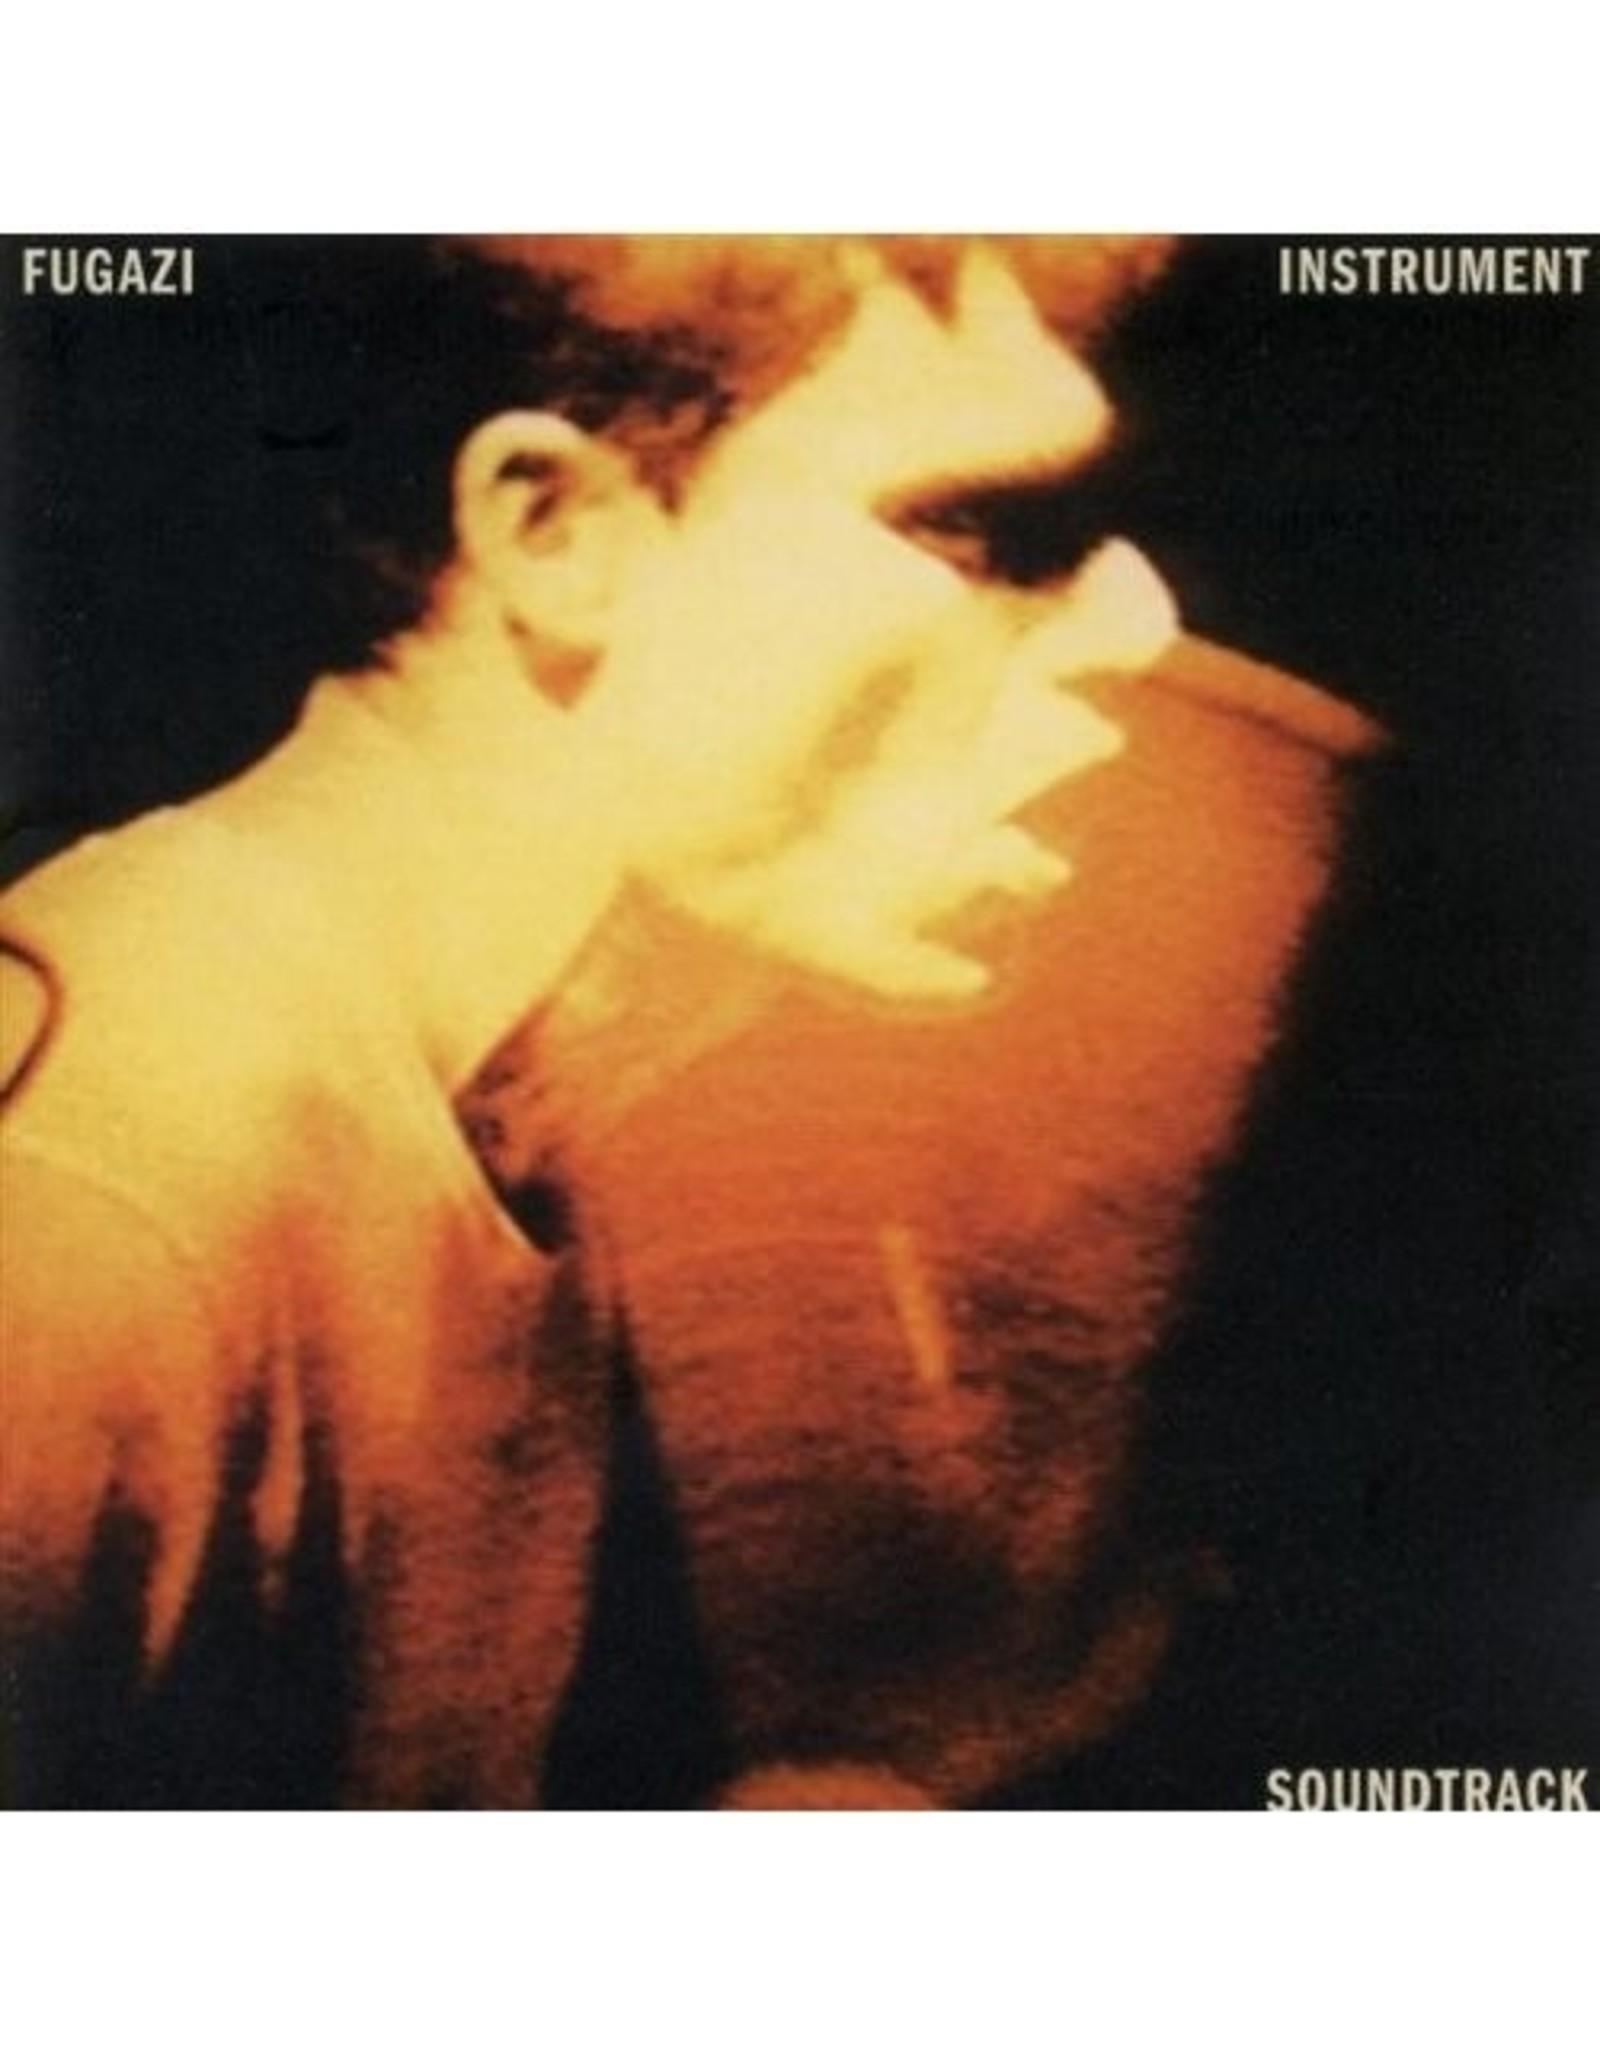 New Vinyl Fugazi - Instrument LP